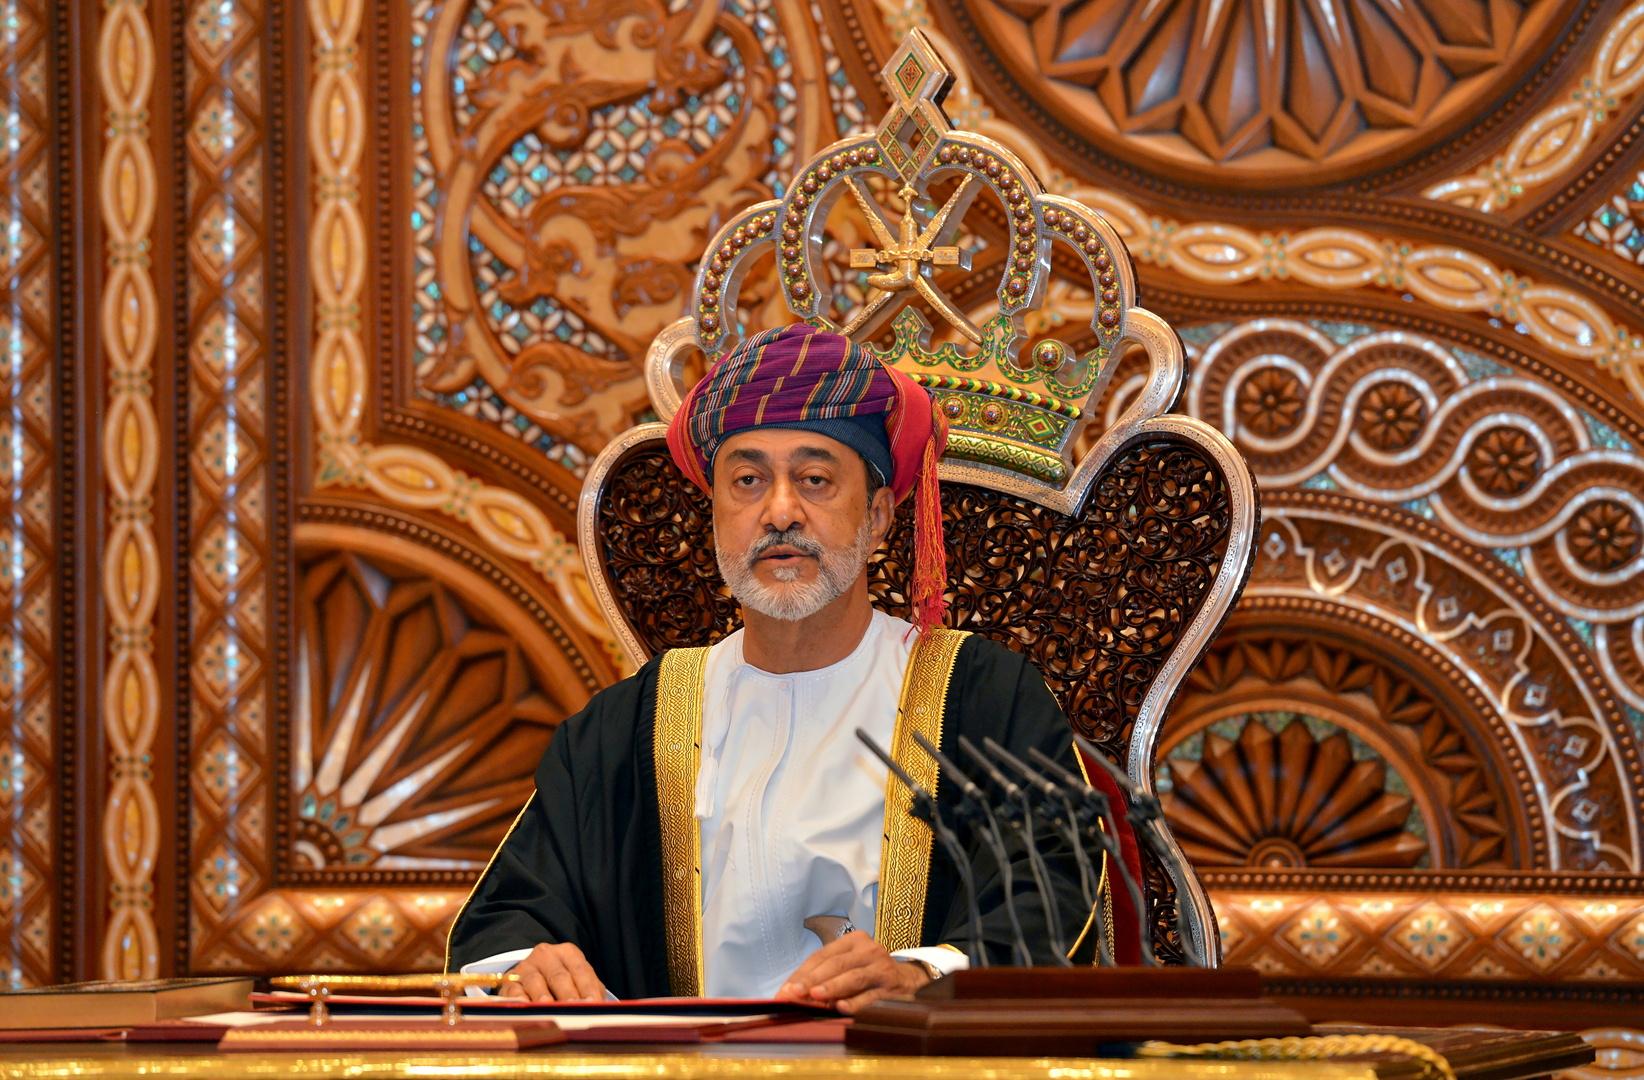 السلطاني العماني، هيثم بن طارق